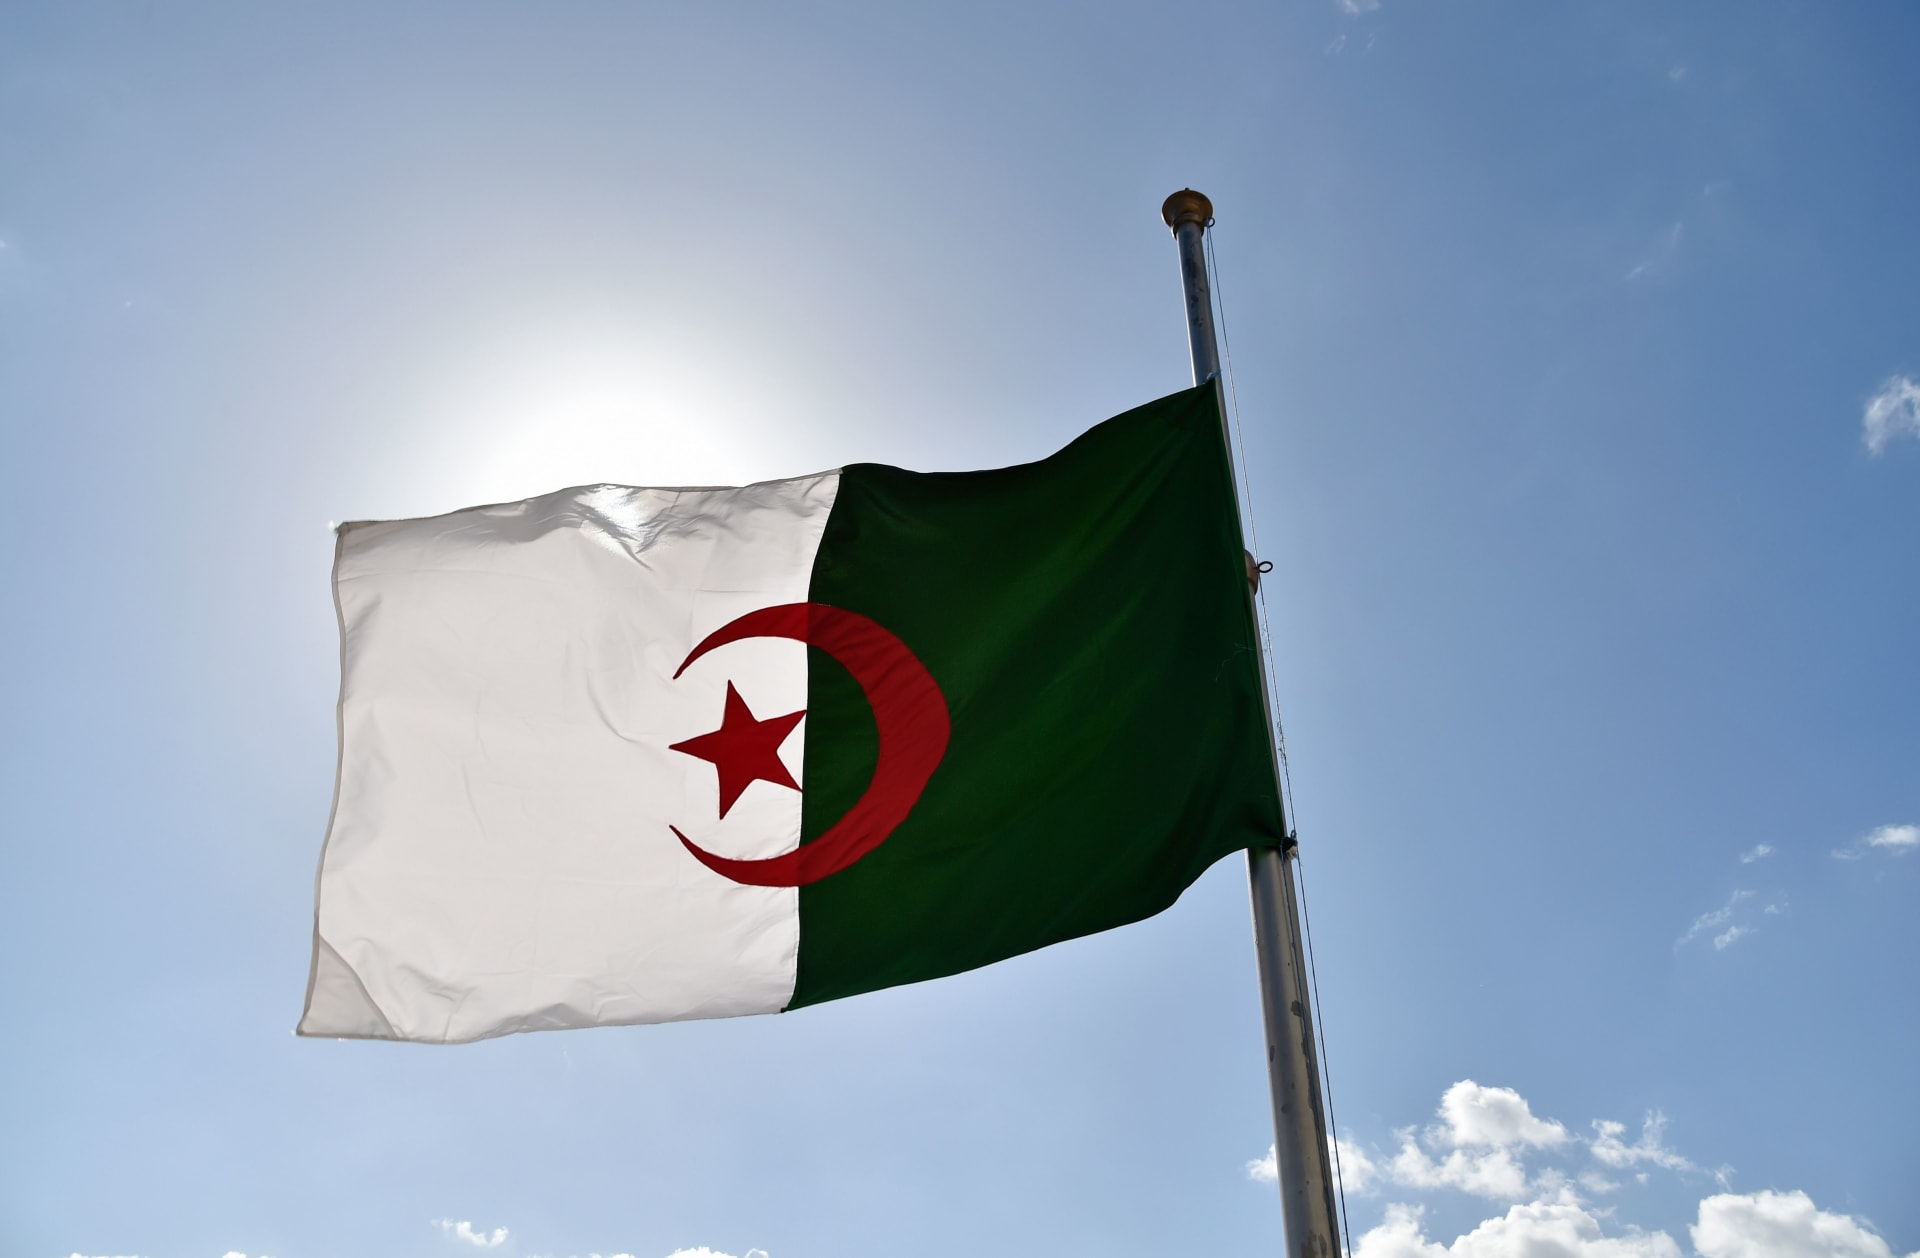 الجزائر تتوقع انخفاضا كبيرا في احتياطيات النقد الأجنبي خلال 3 سنوات.. لماذا؟